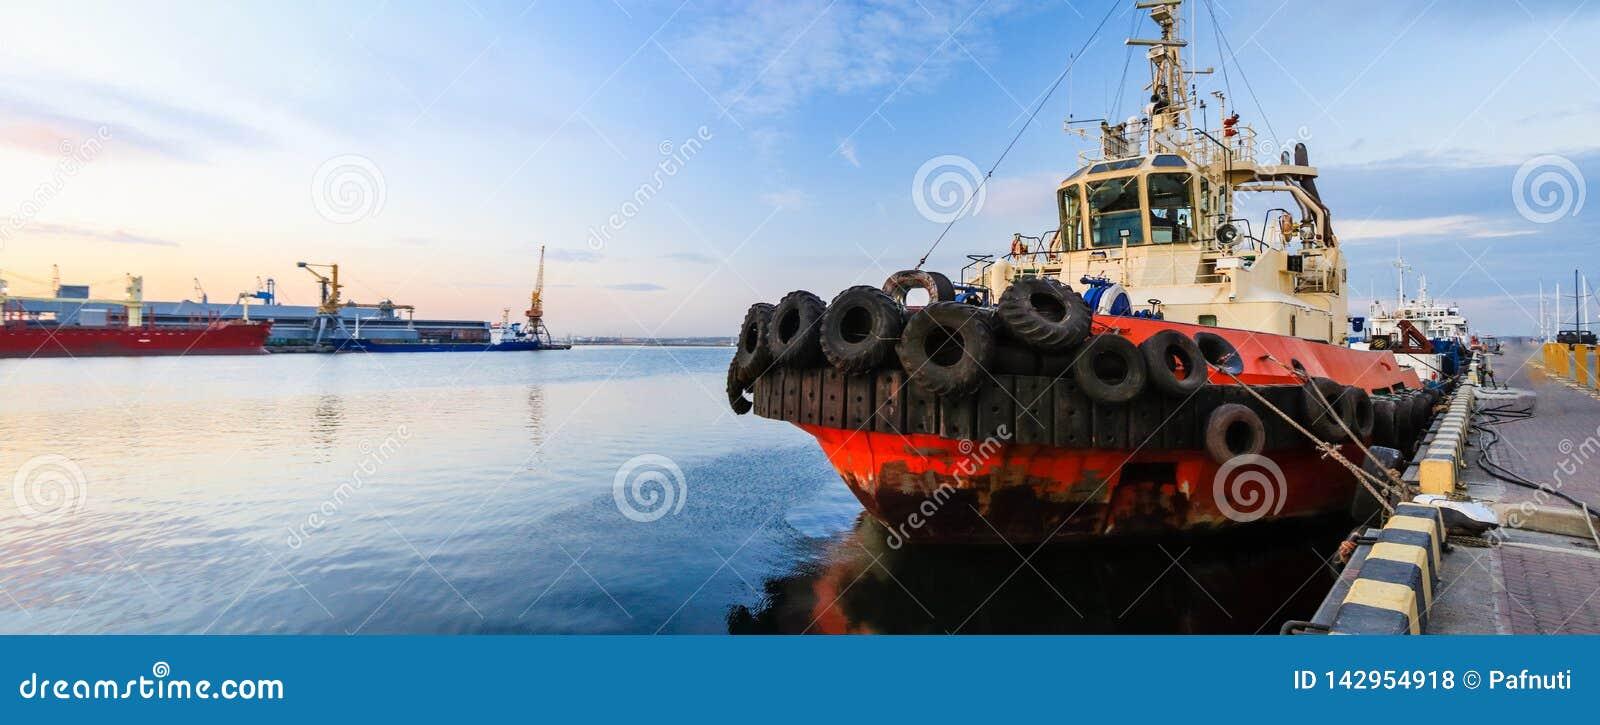 O reboque está no cais no porto marítimo